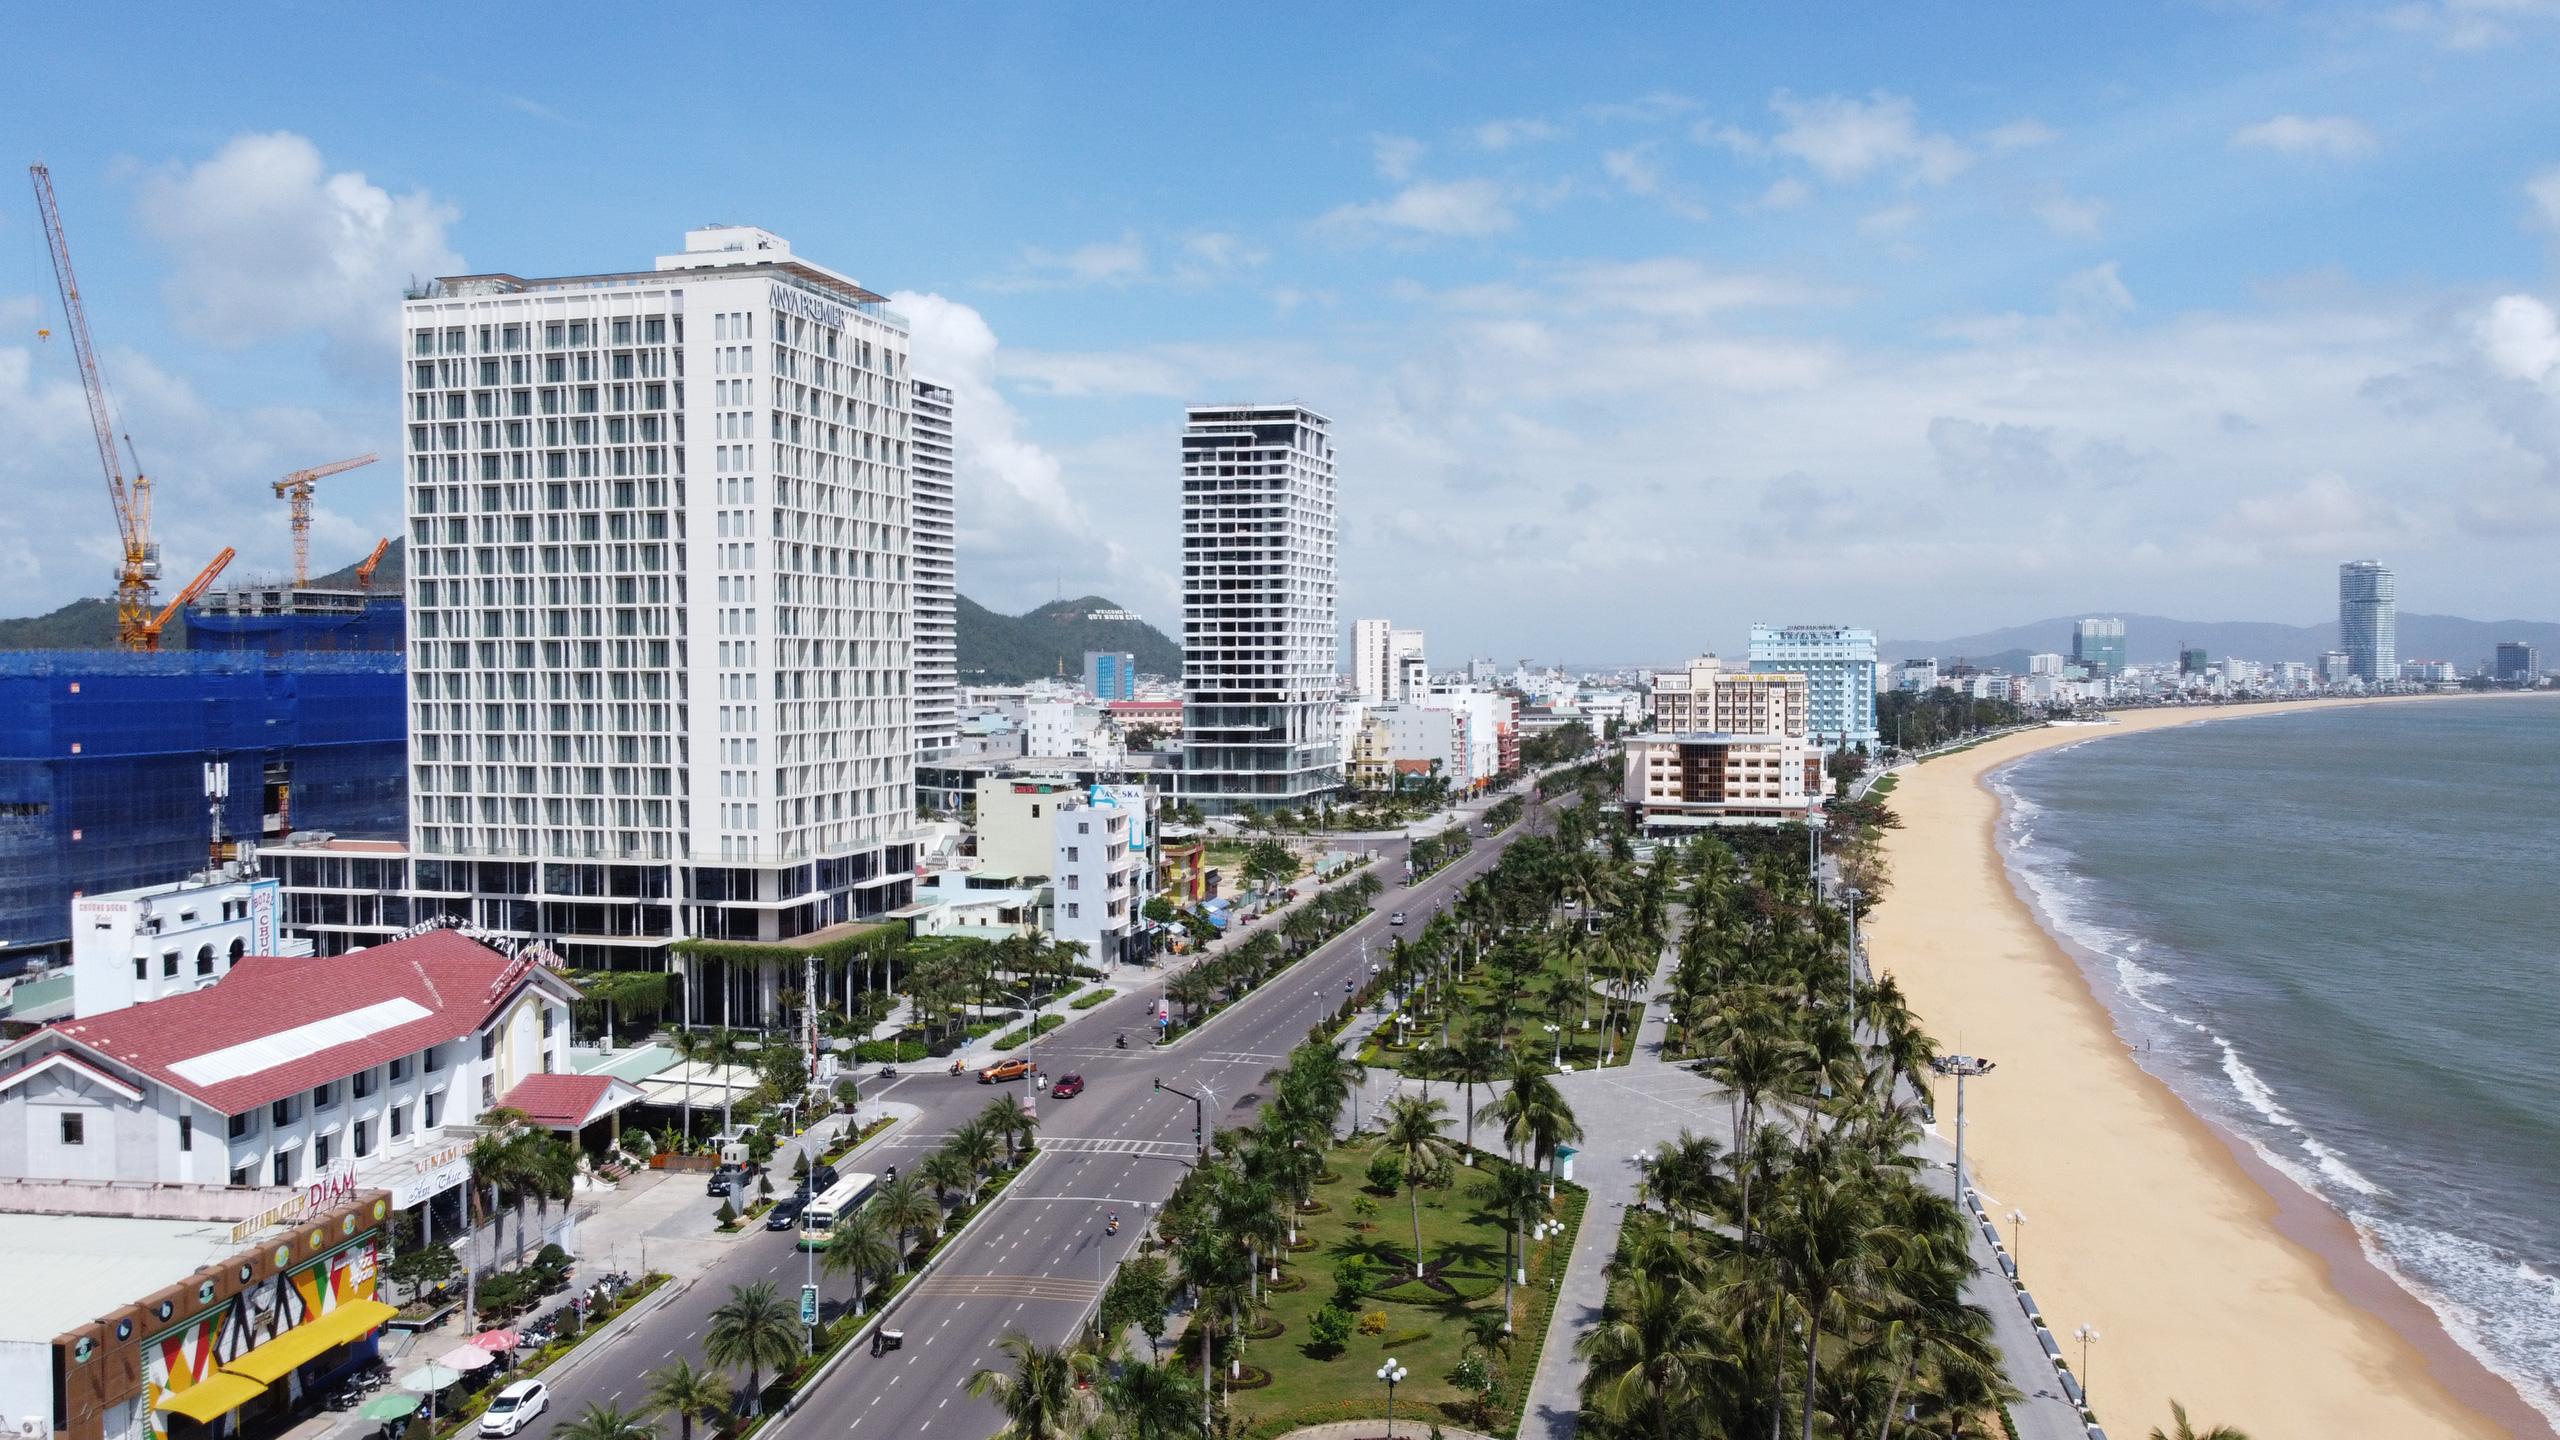 Bình Định: Đường ven biển Đề Gi – Mỹ Thành sẽ có các khu đô thị - du lịch và cụm du lịch biển quốc tế - Ảnh 1.